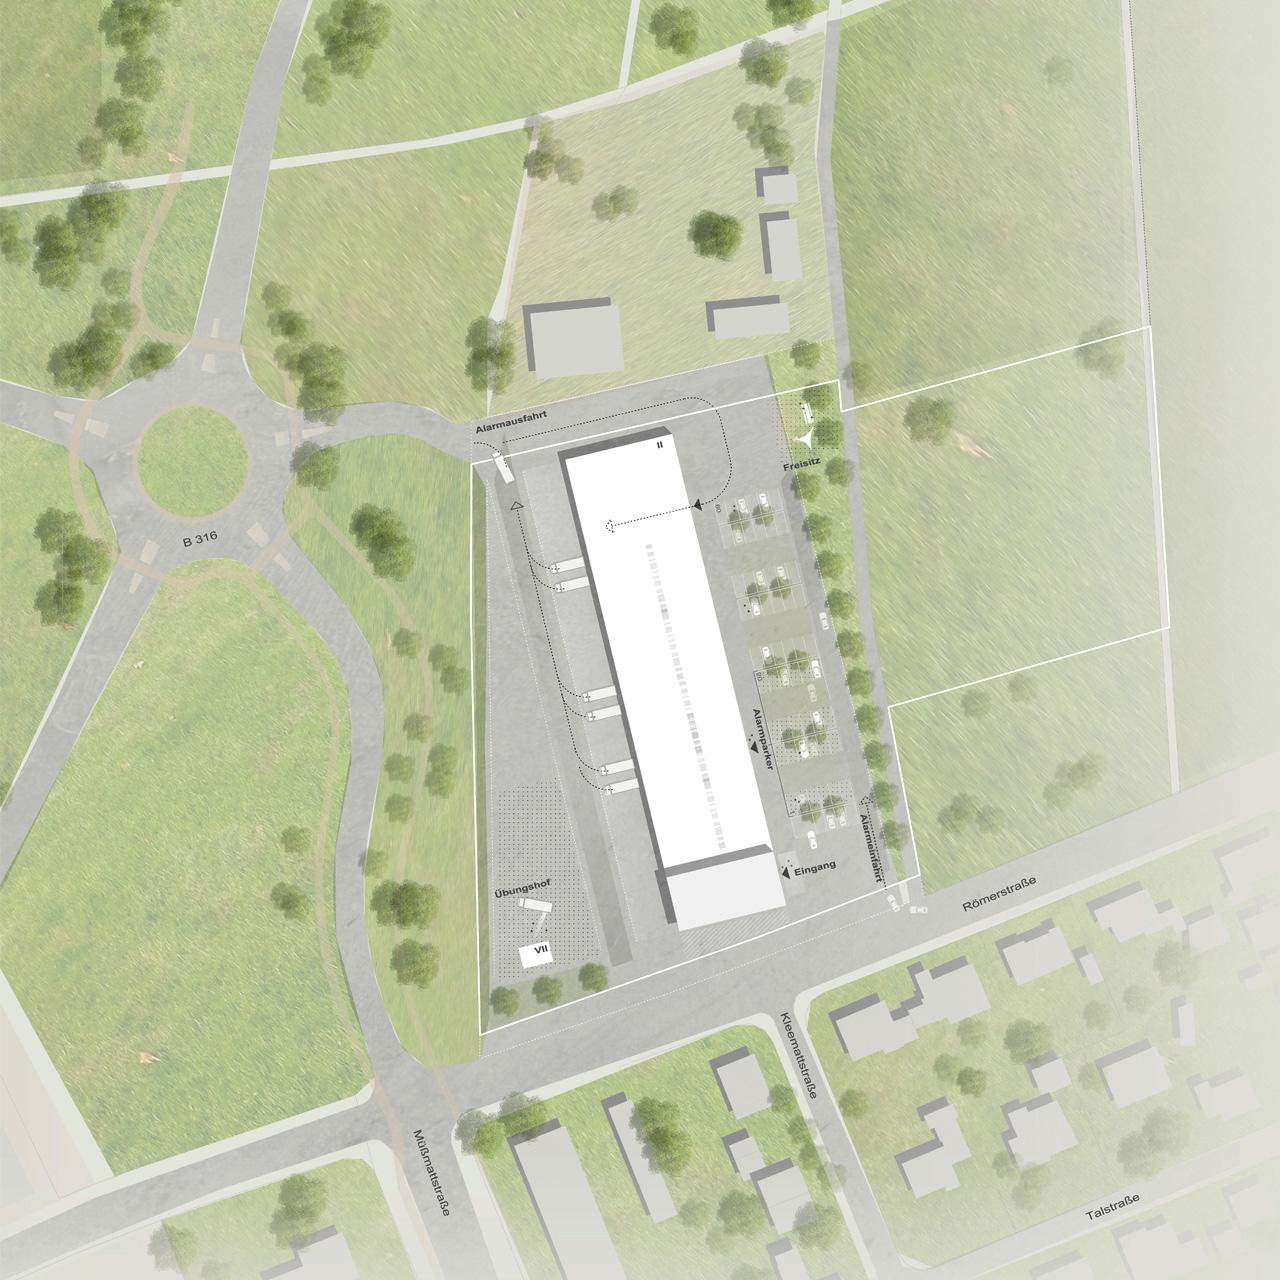 Neubau Zentrales Feuerwehrgerätehaus Rheinfelden, Lageplan detailliert